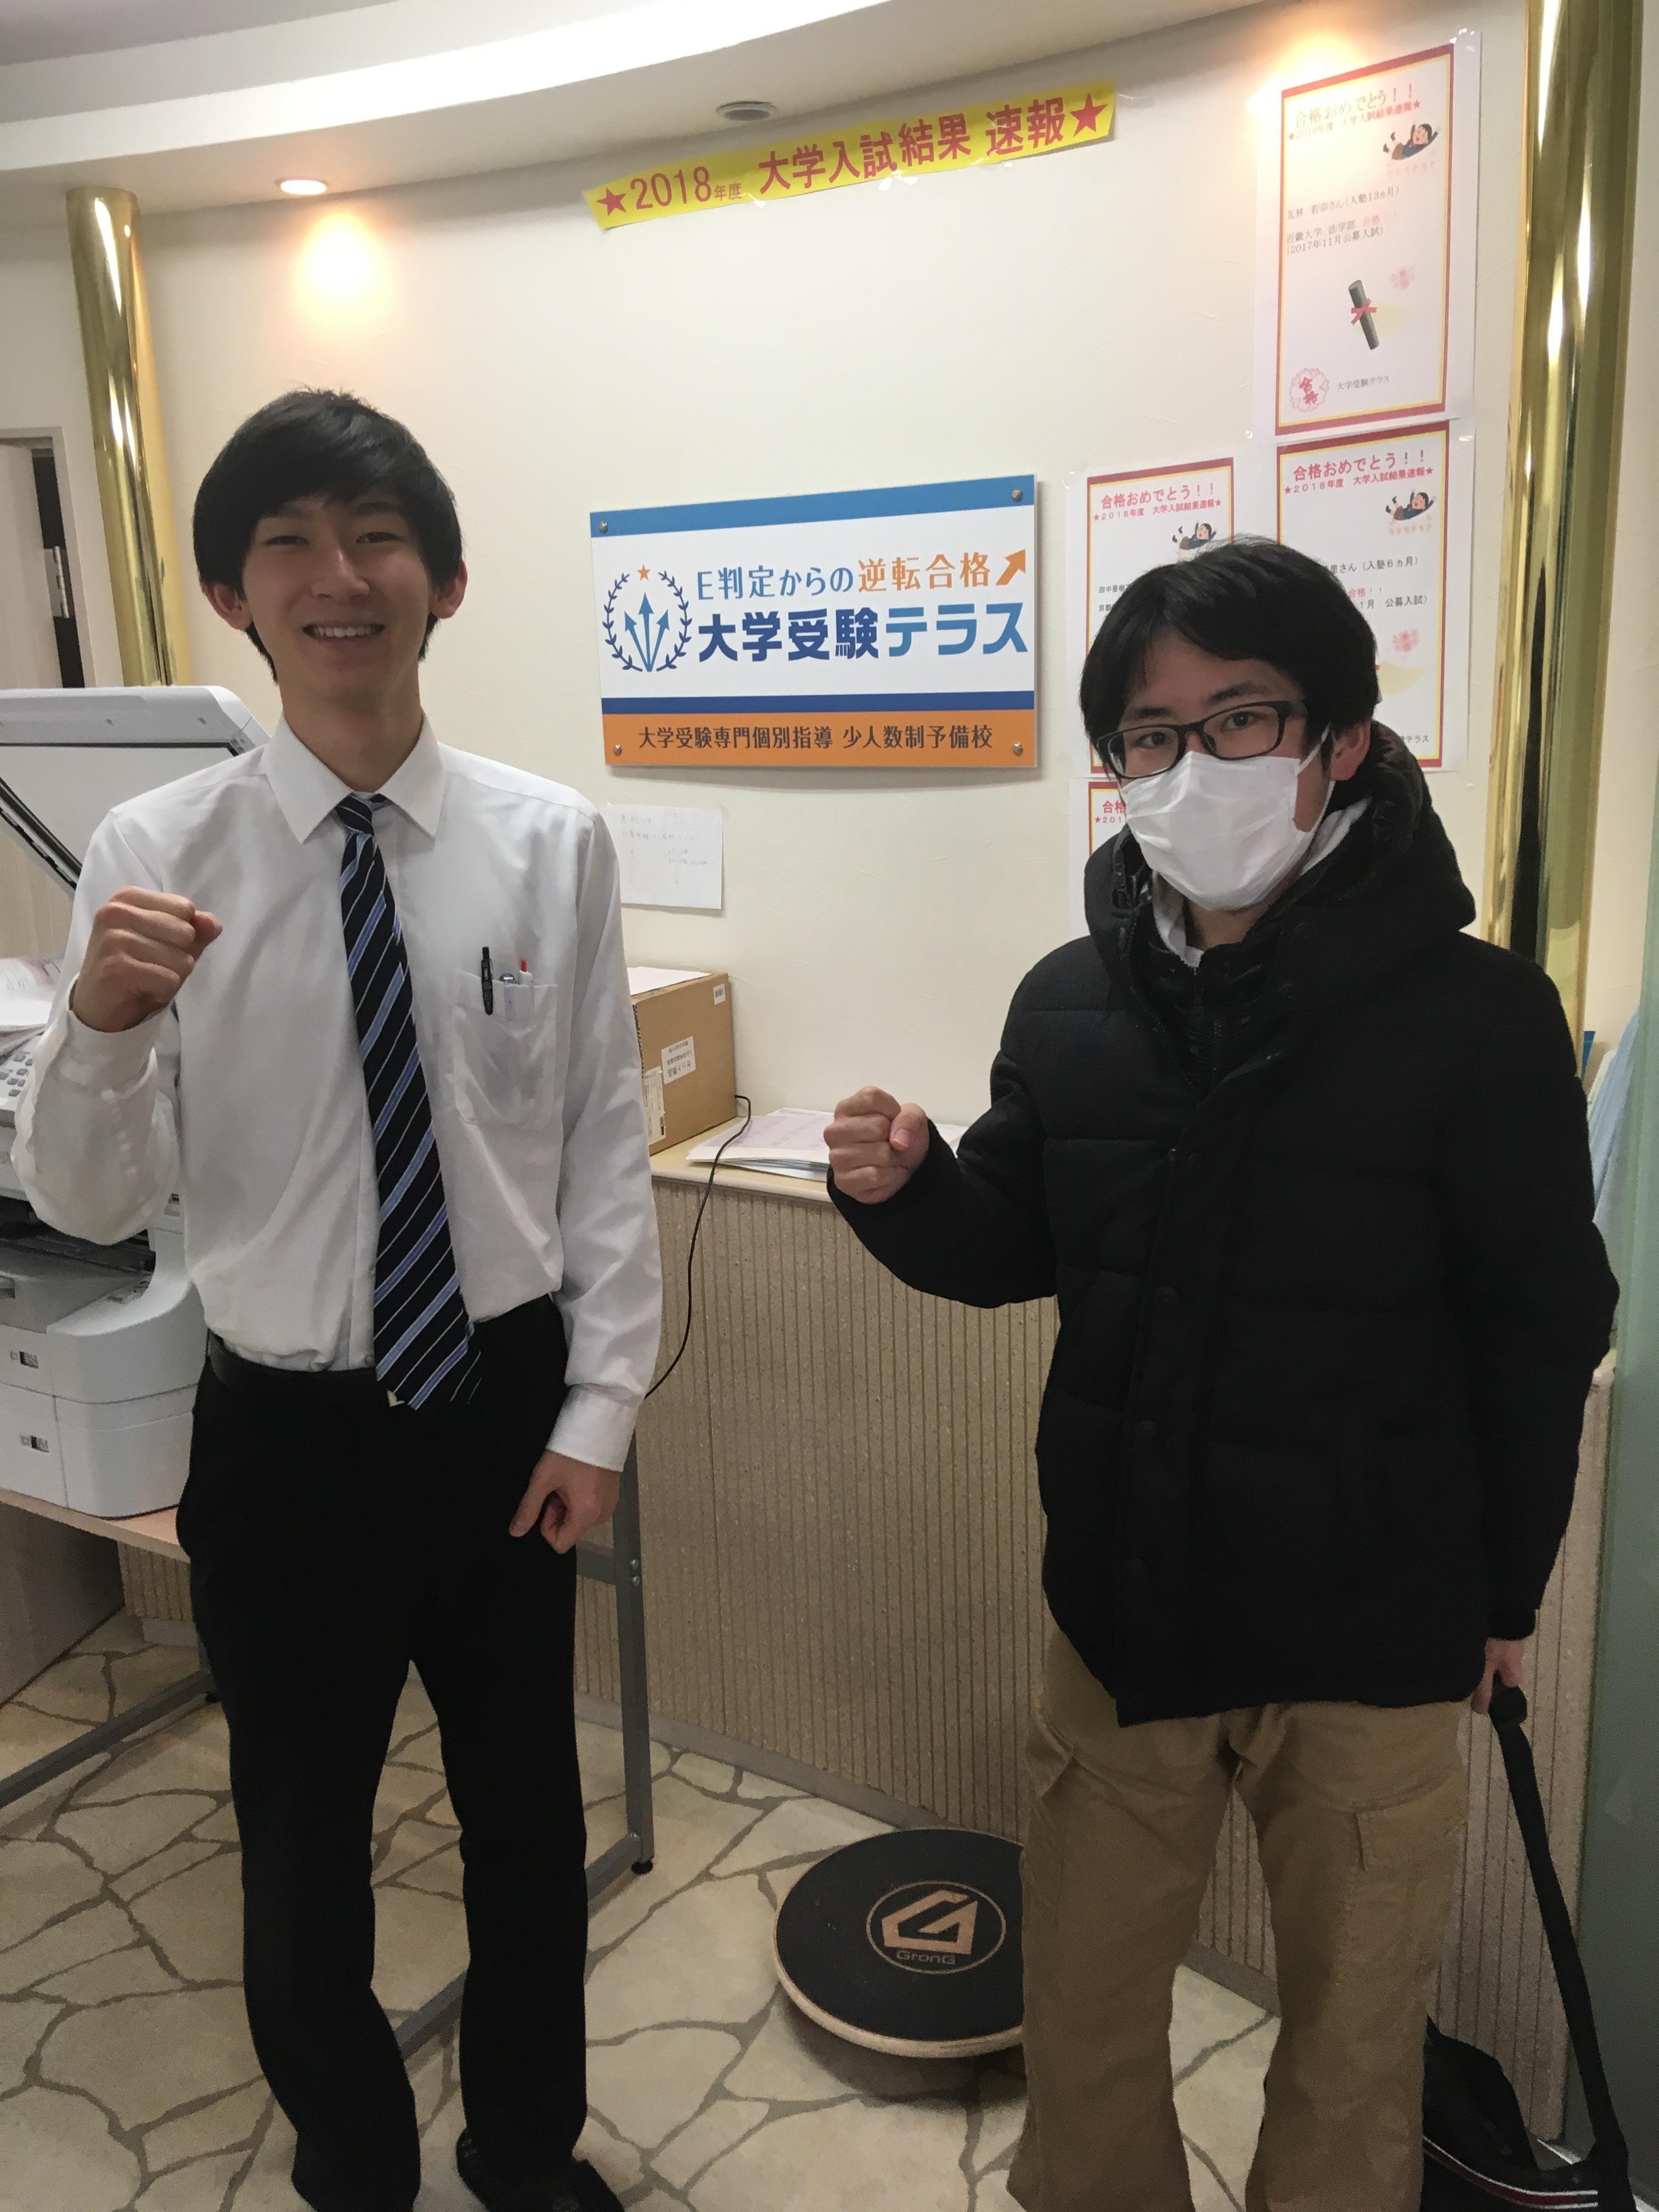 関西大学合格